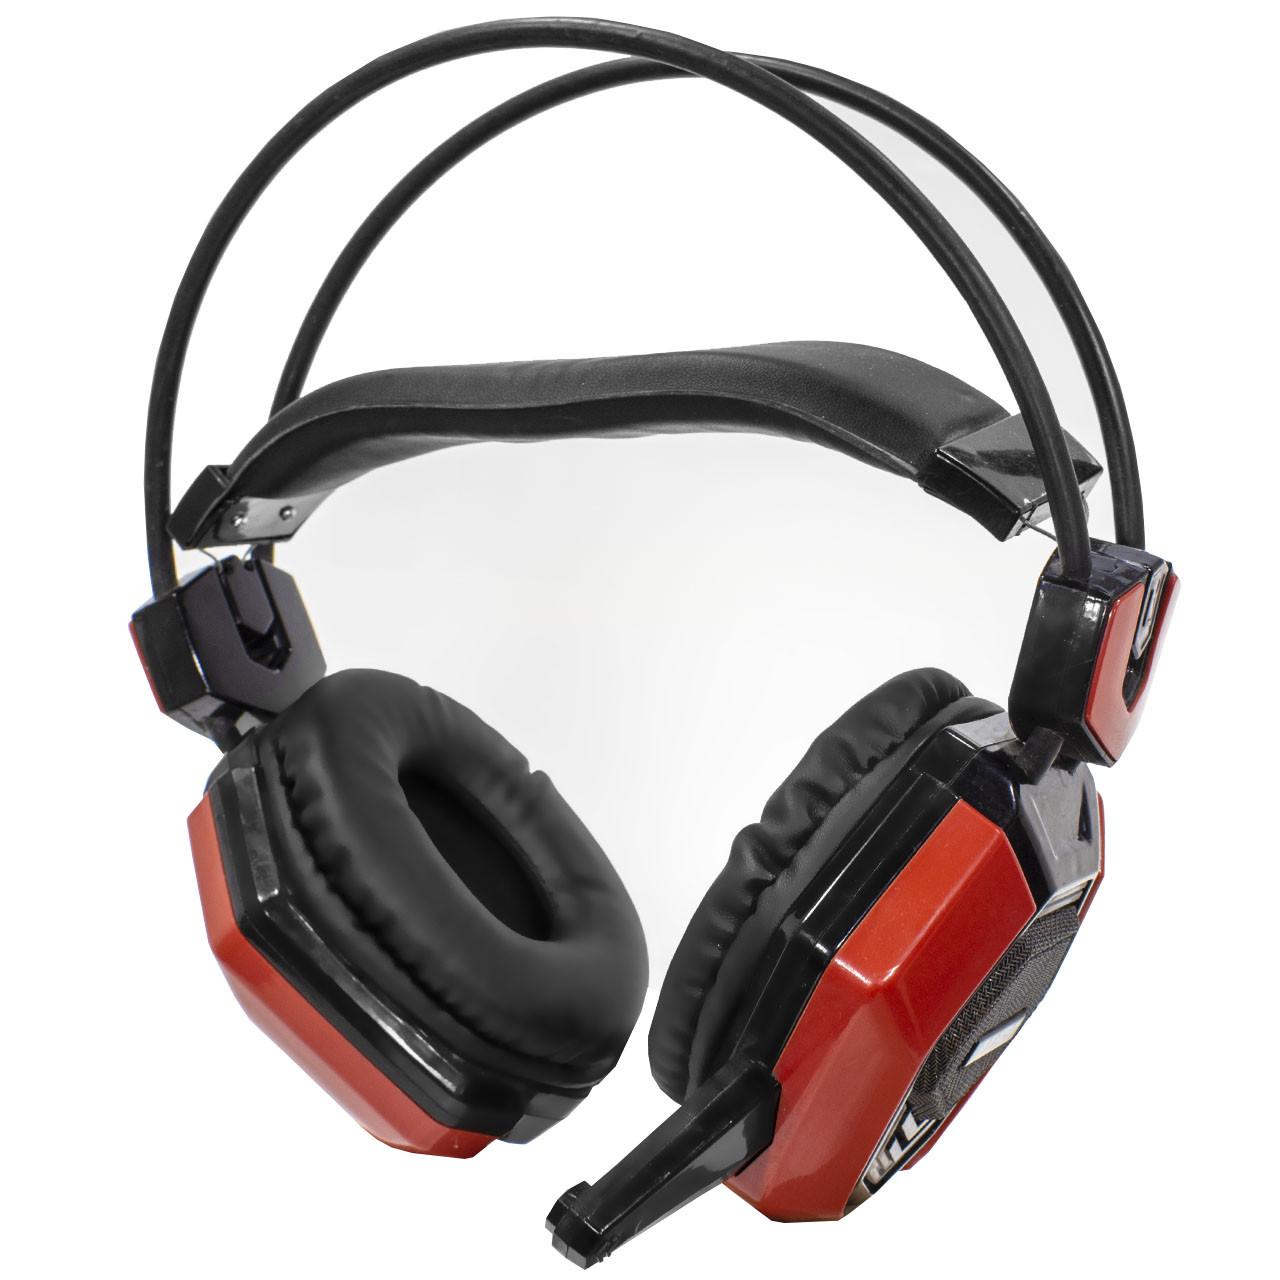 Проводная гарнитура JEQANG JH-2015 с микрофоном Black/Red (3246-9557)